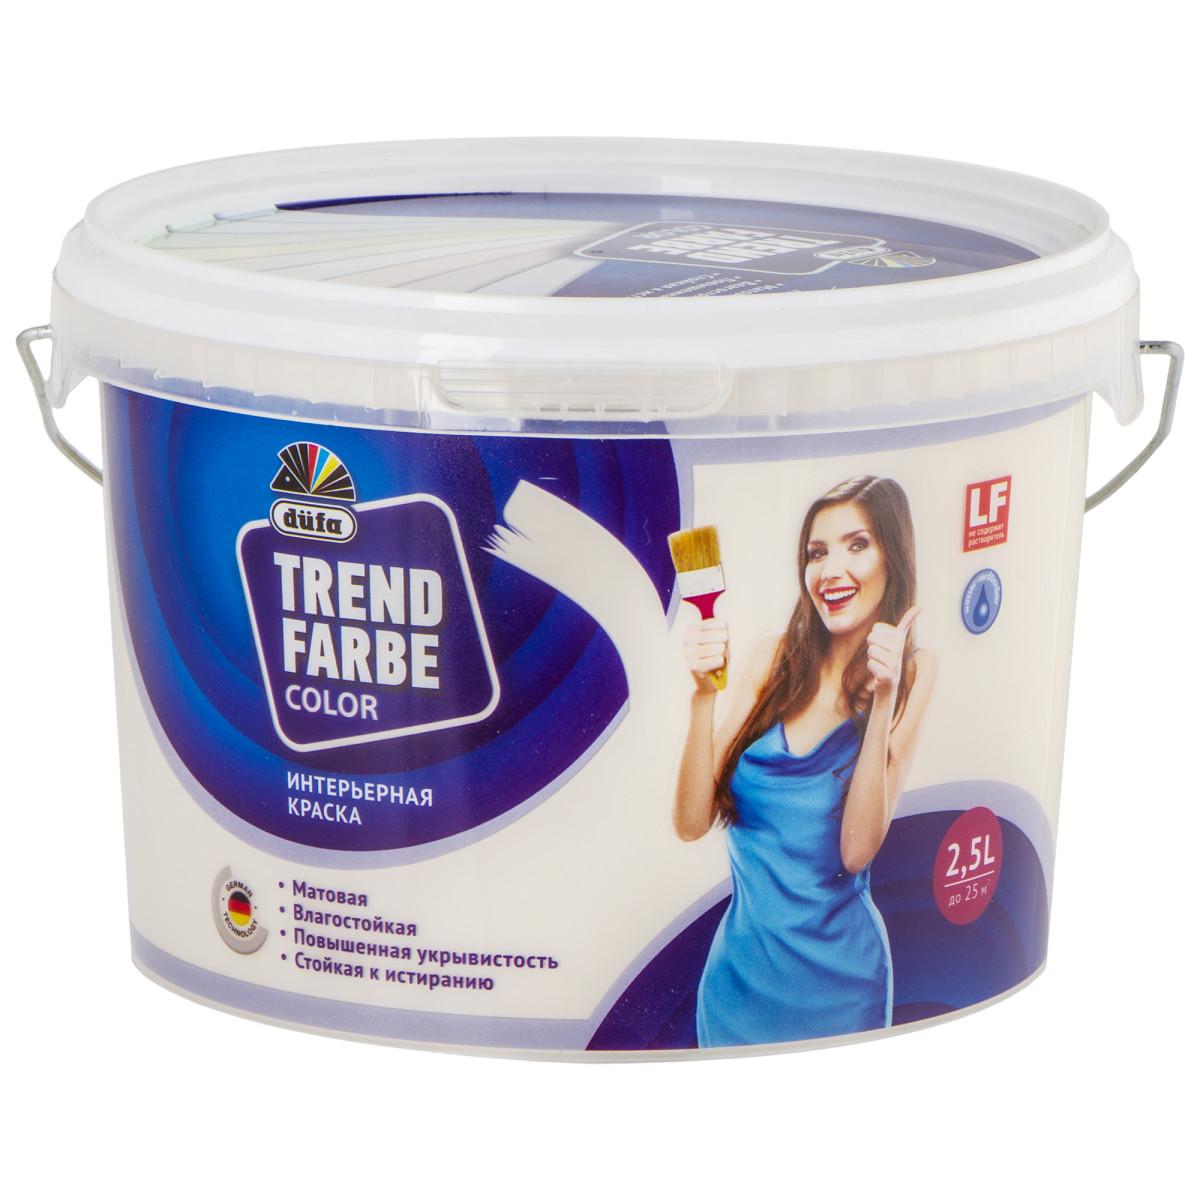 Купить полимерную краску для бетона в самаре бетон миксер цены